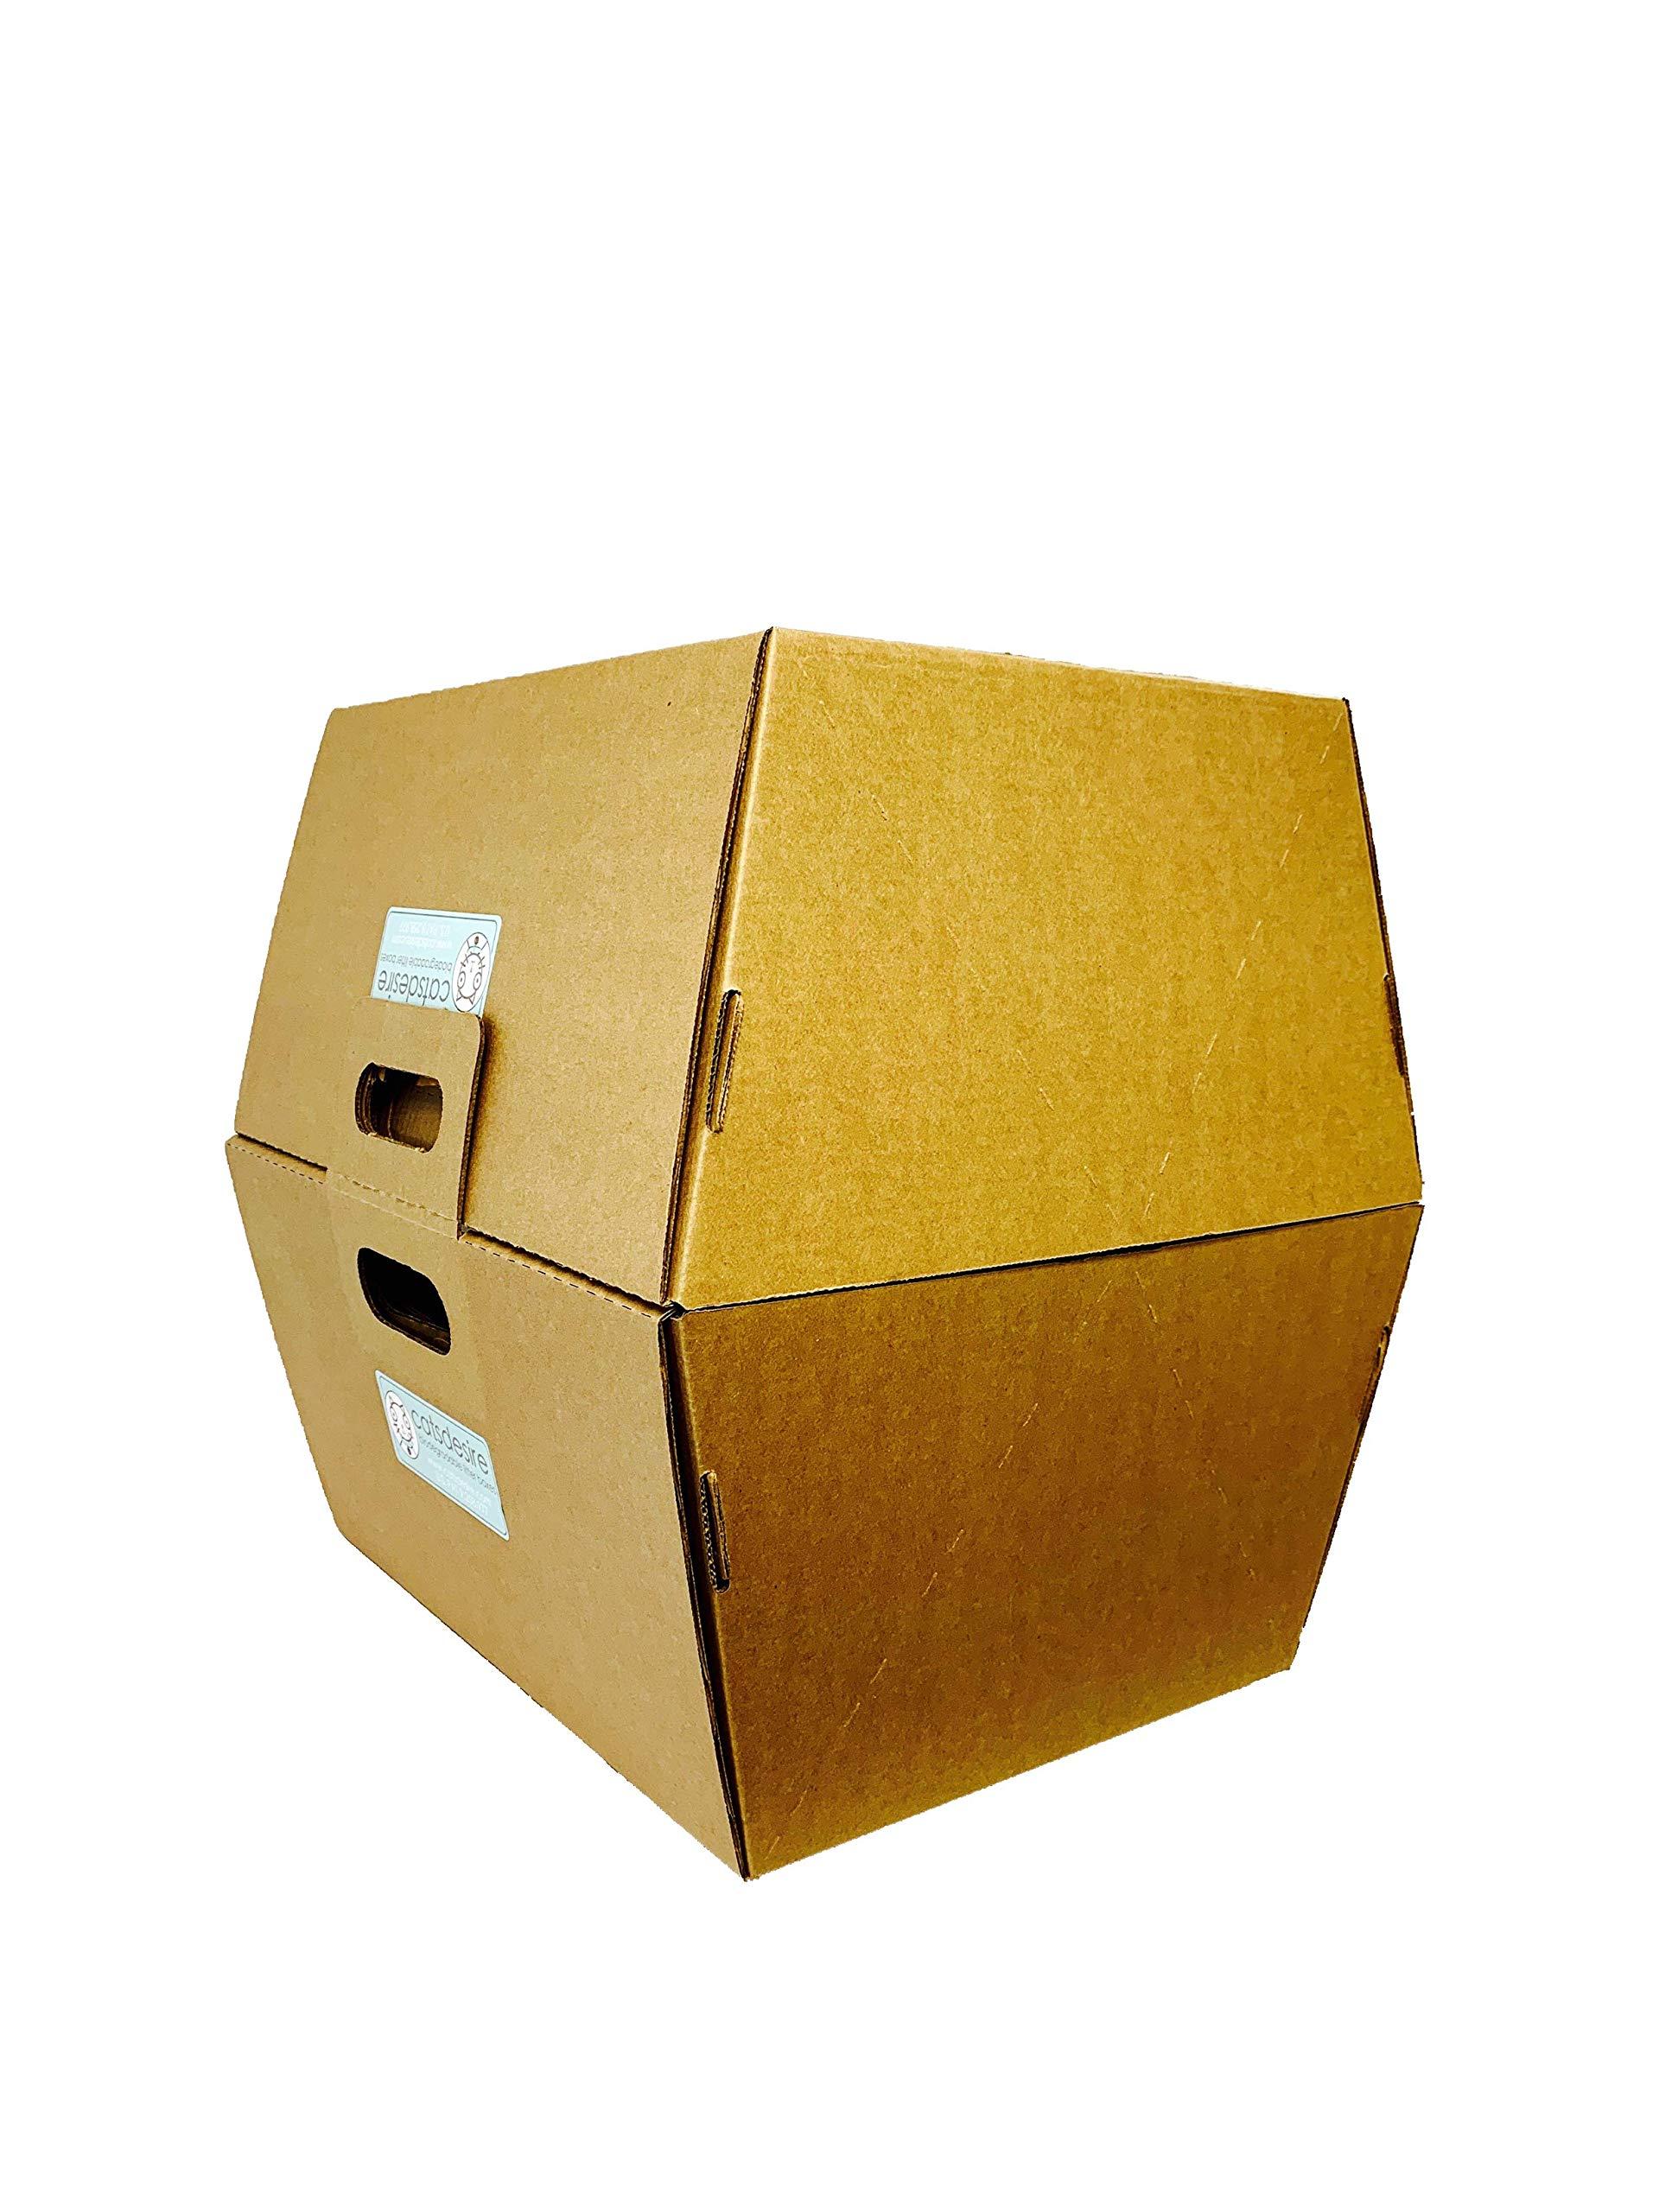 Cats Desire Disposable Litter Boxes Disposable Litter Boxes, 10 Piece 3